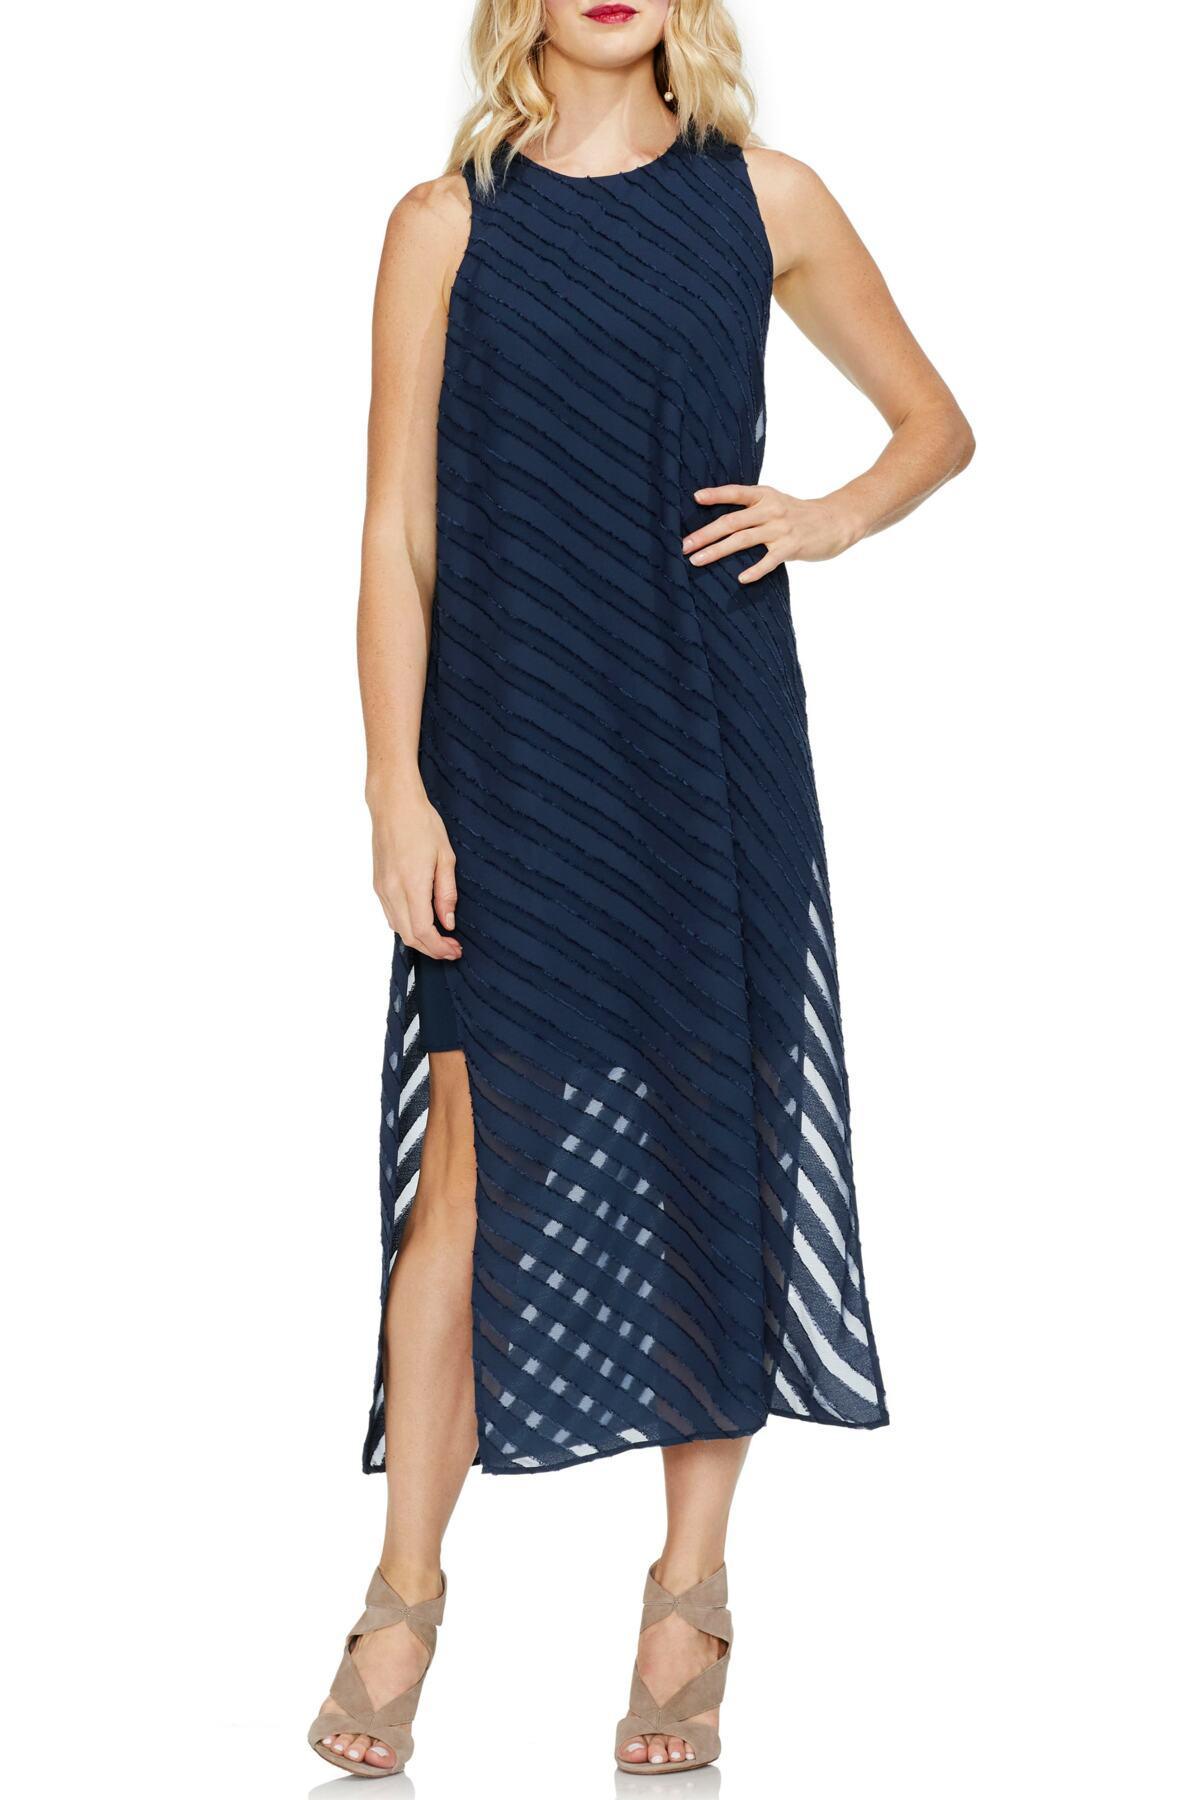 735f3fe0f26 Lyst - Vince Camuto Diagonal Stripe Chiffon Maxi Dress in Blue